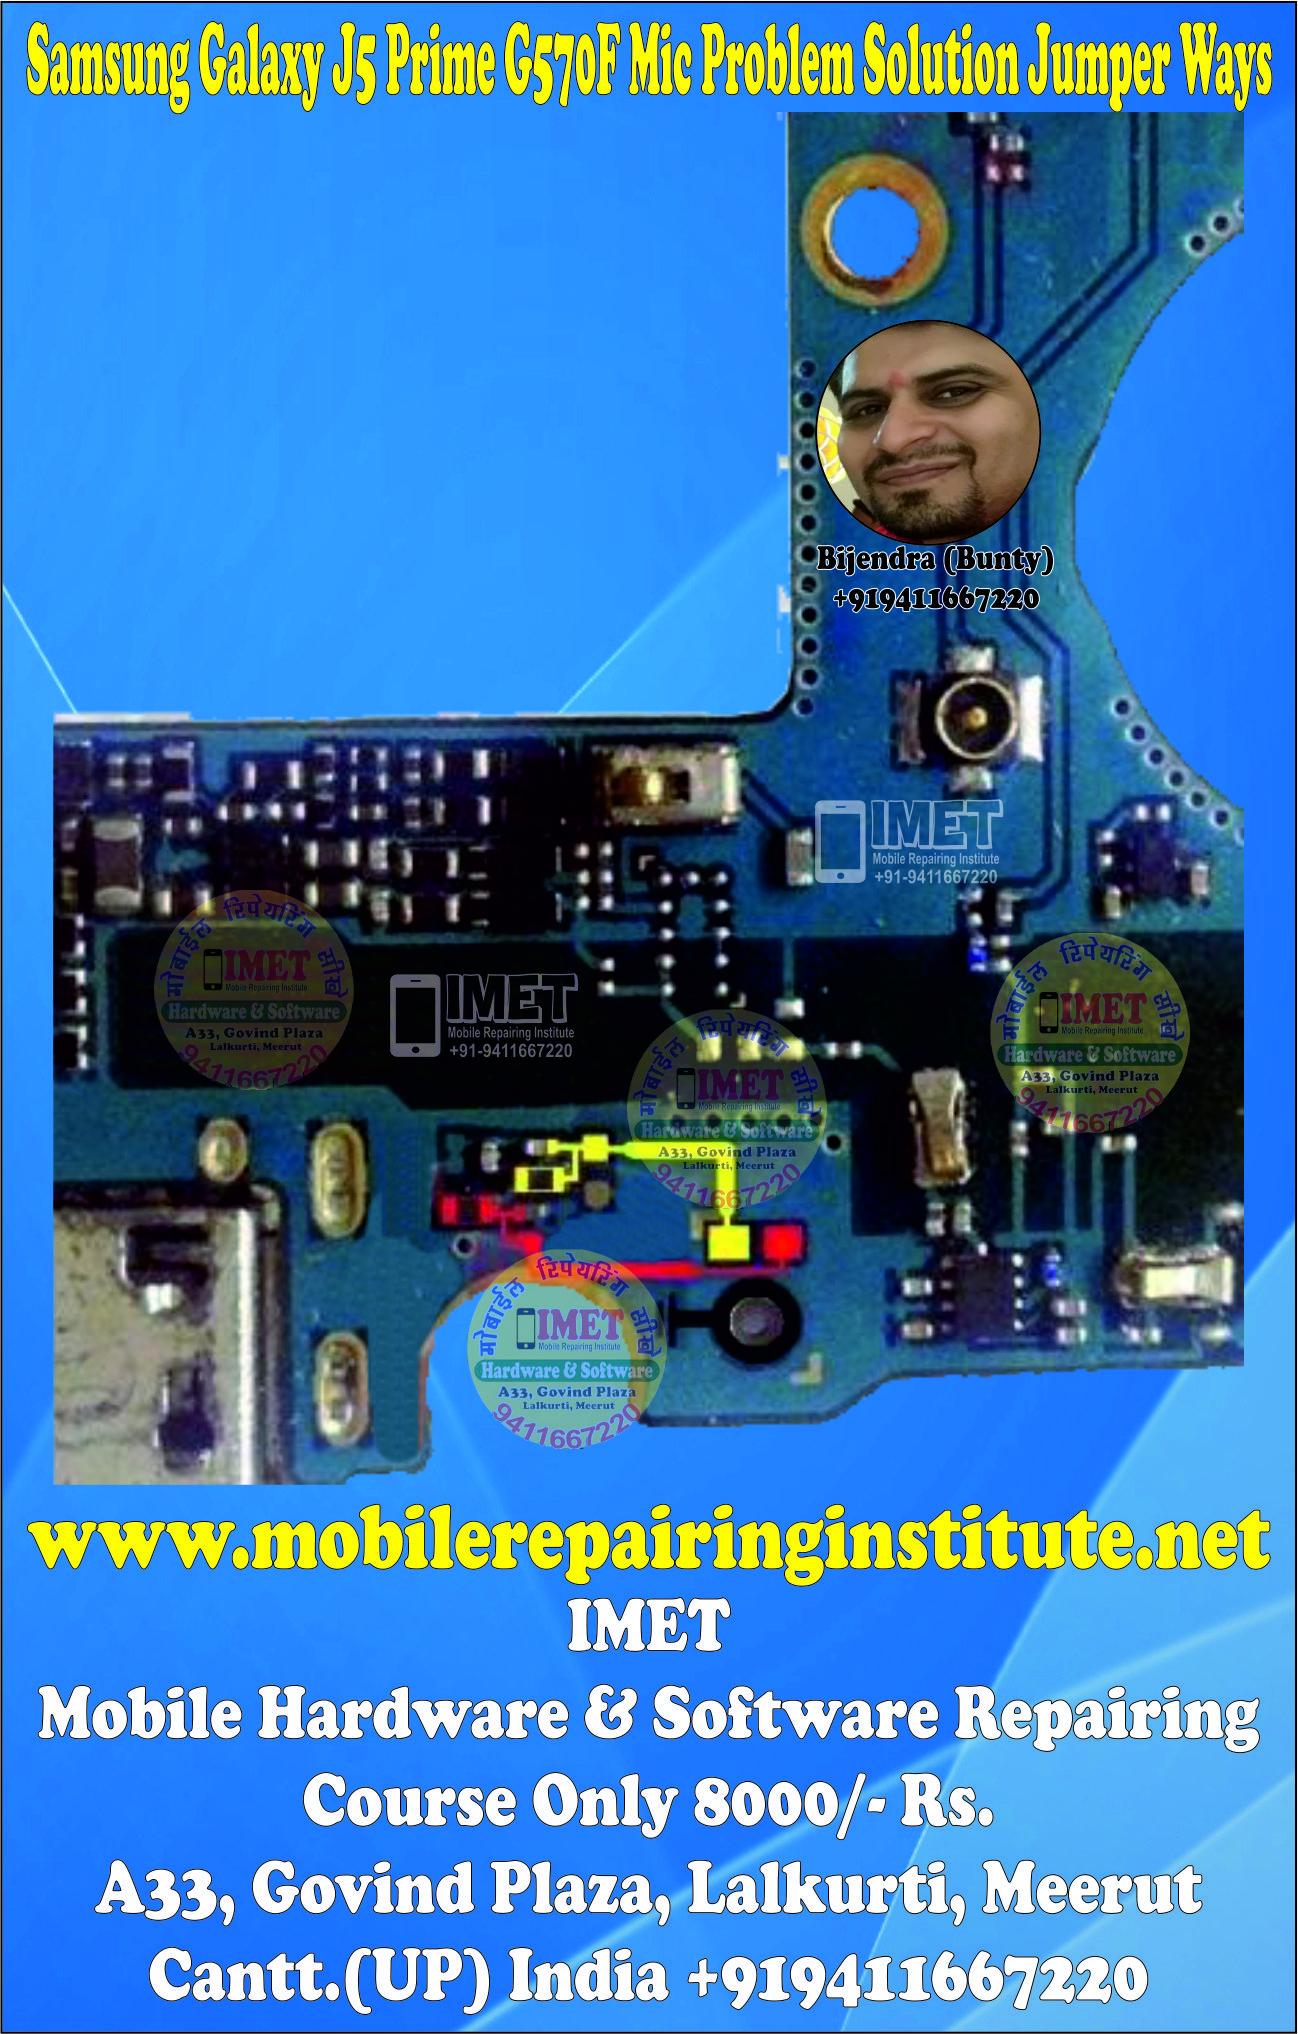 Samsung Galaxy J5 Prime G570F Mic Problem Solution Jumper Ways